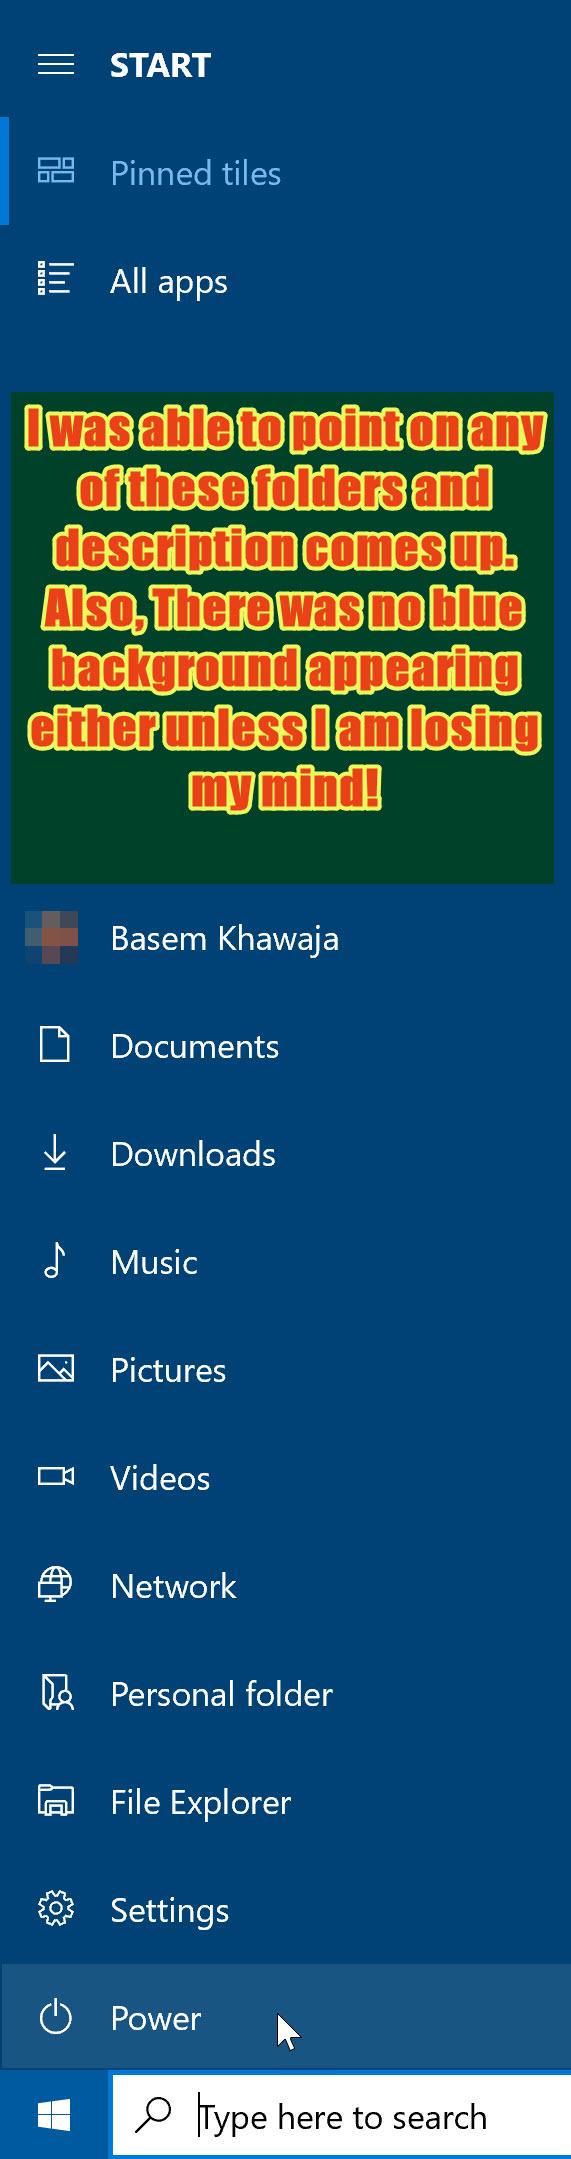 Start Menu Folders.jpg